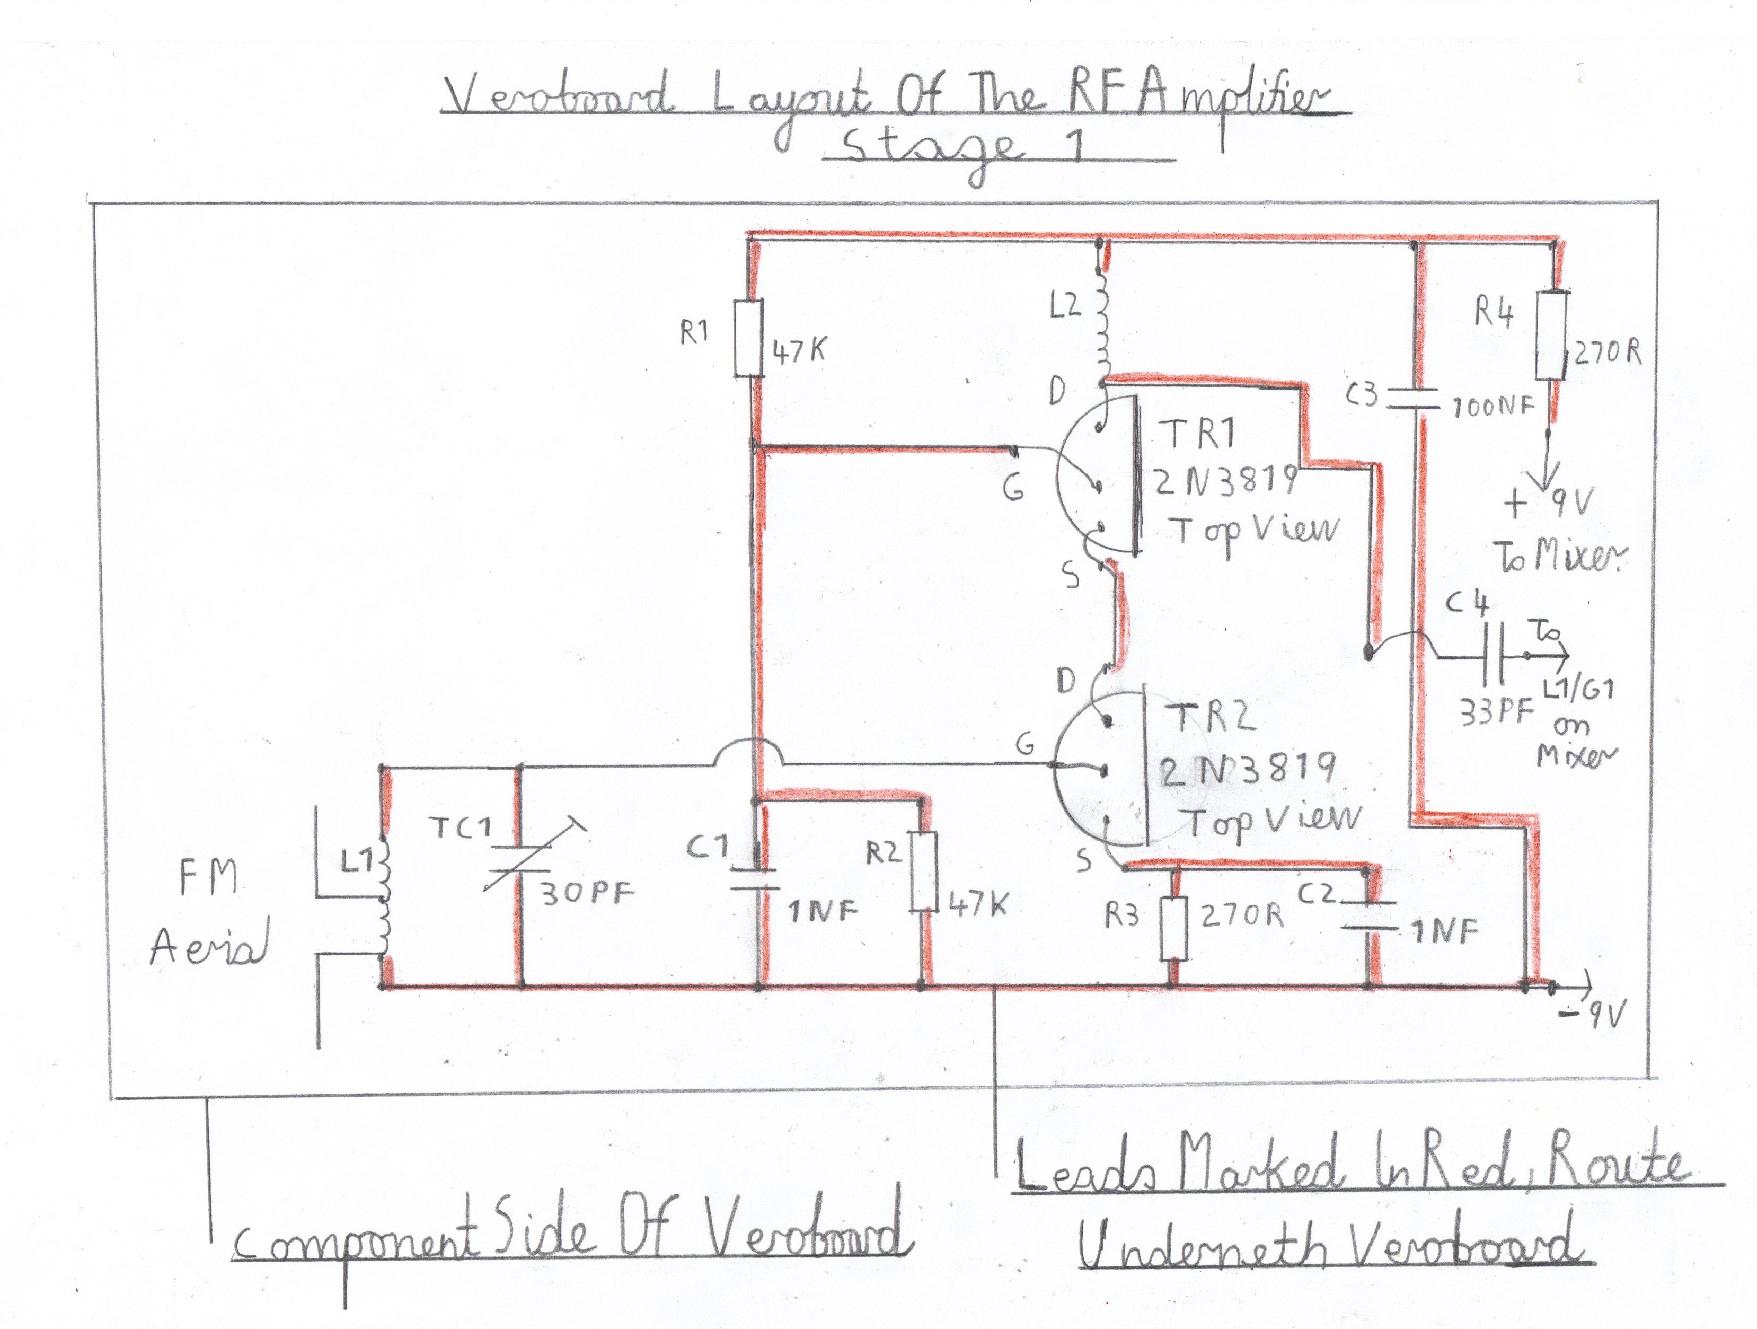 Basic Kitchen Electrical Wiring Diagram | Wiring Diagram - Kitchen Electrical Wiring Diagram